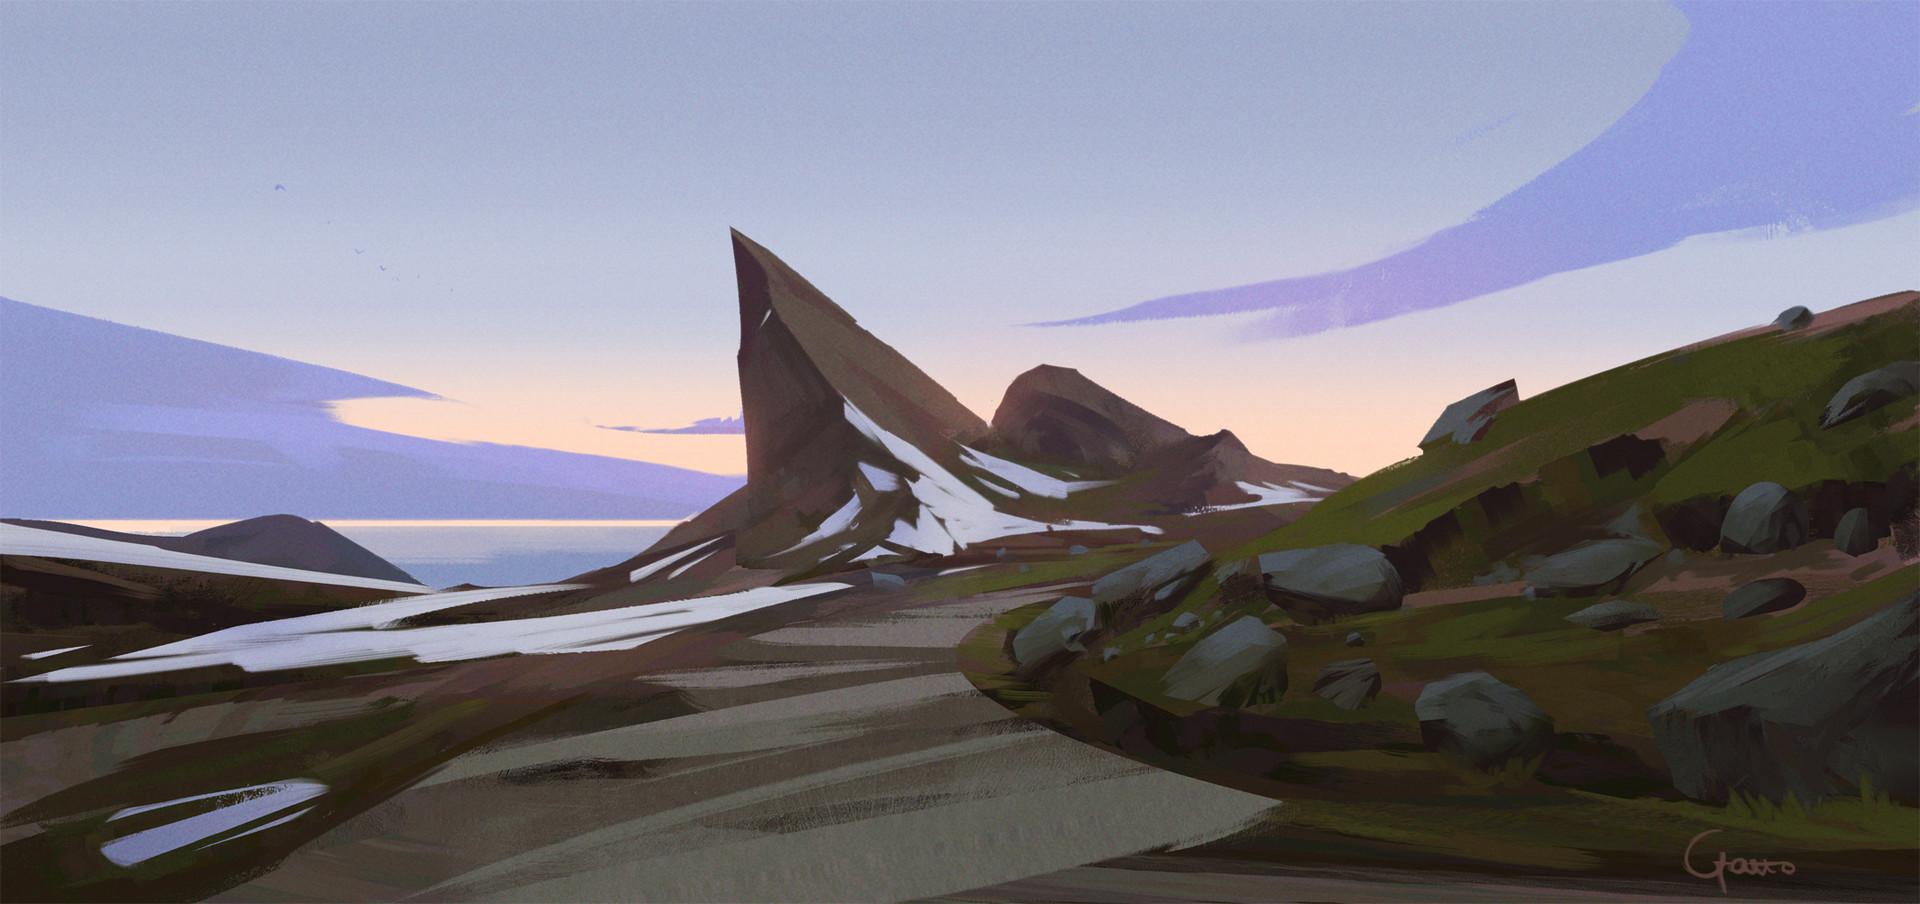 Roberto gatto landscape sketchy